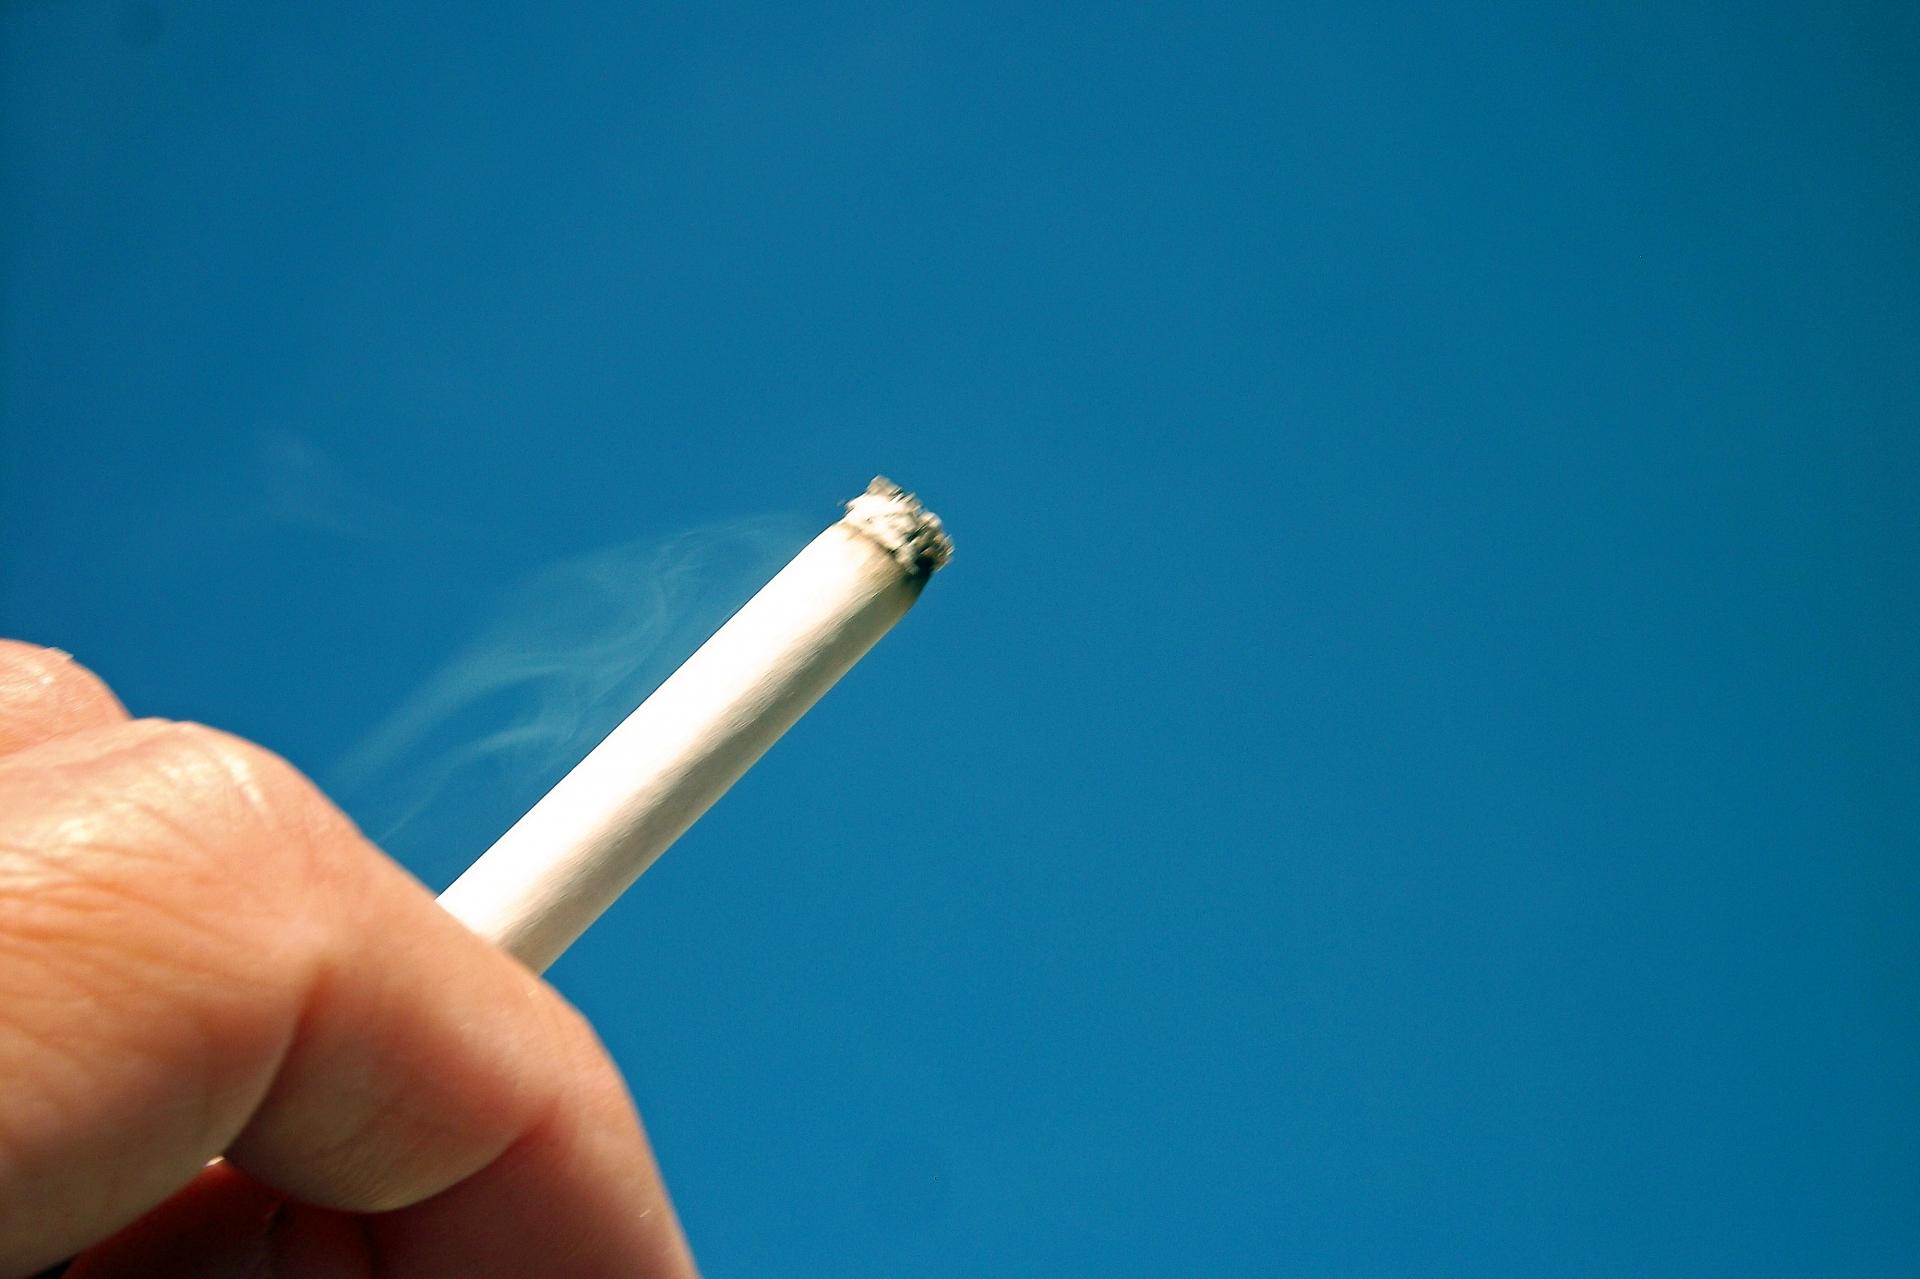 タバコのヤニは原状回復費用以外に請求される可能性があります。